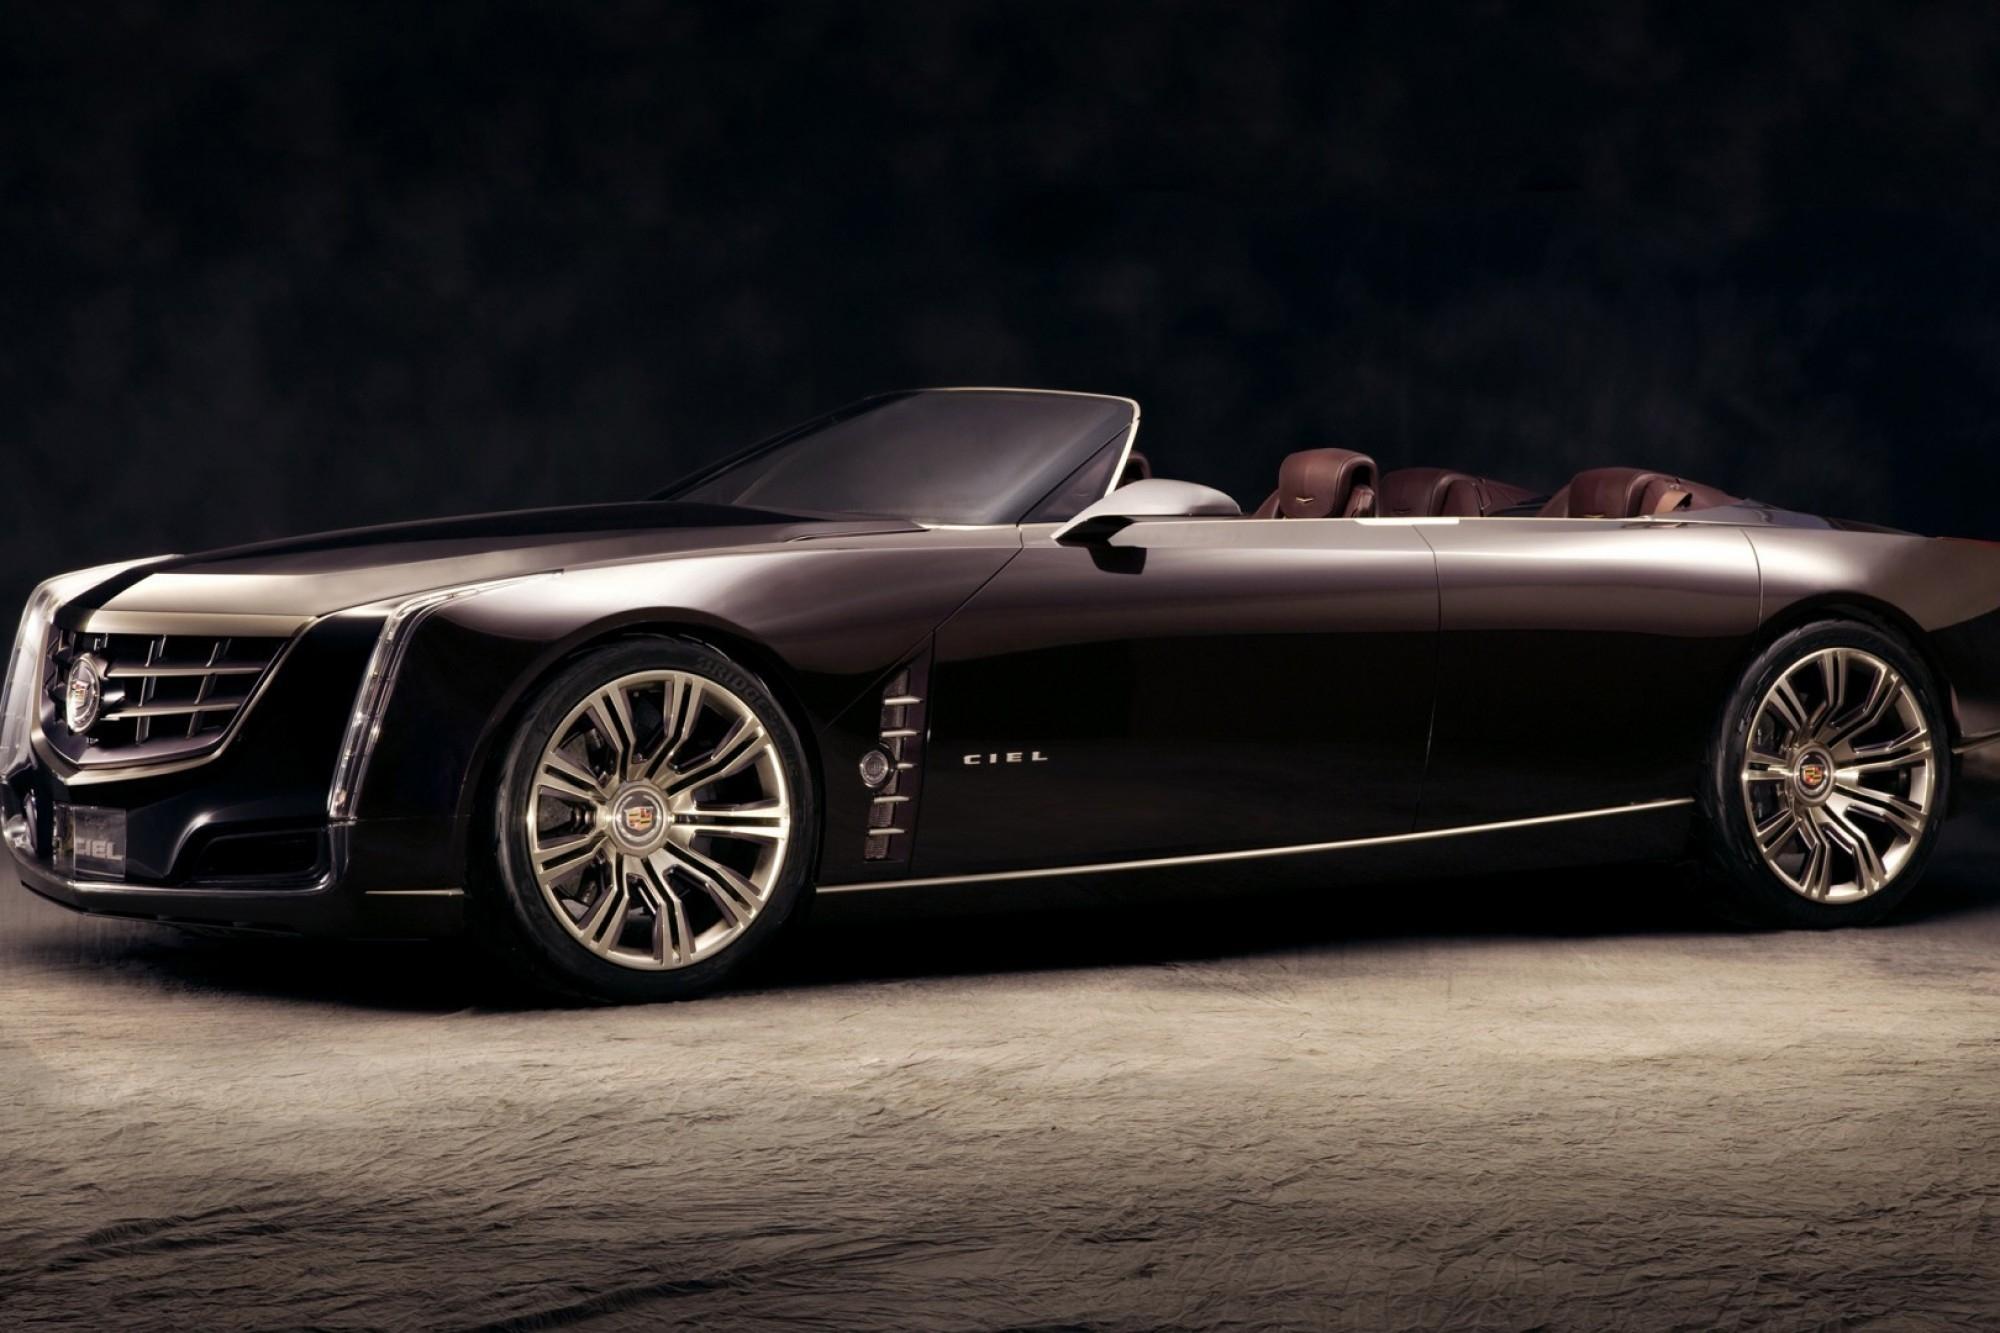 96277 Hintergrundbild herunterladen Cadillac, Cars, Reise, Sportwagen, Die Reise, Luxus - Bildschirmschoner und Bilder kostenlos